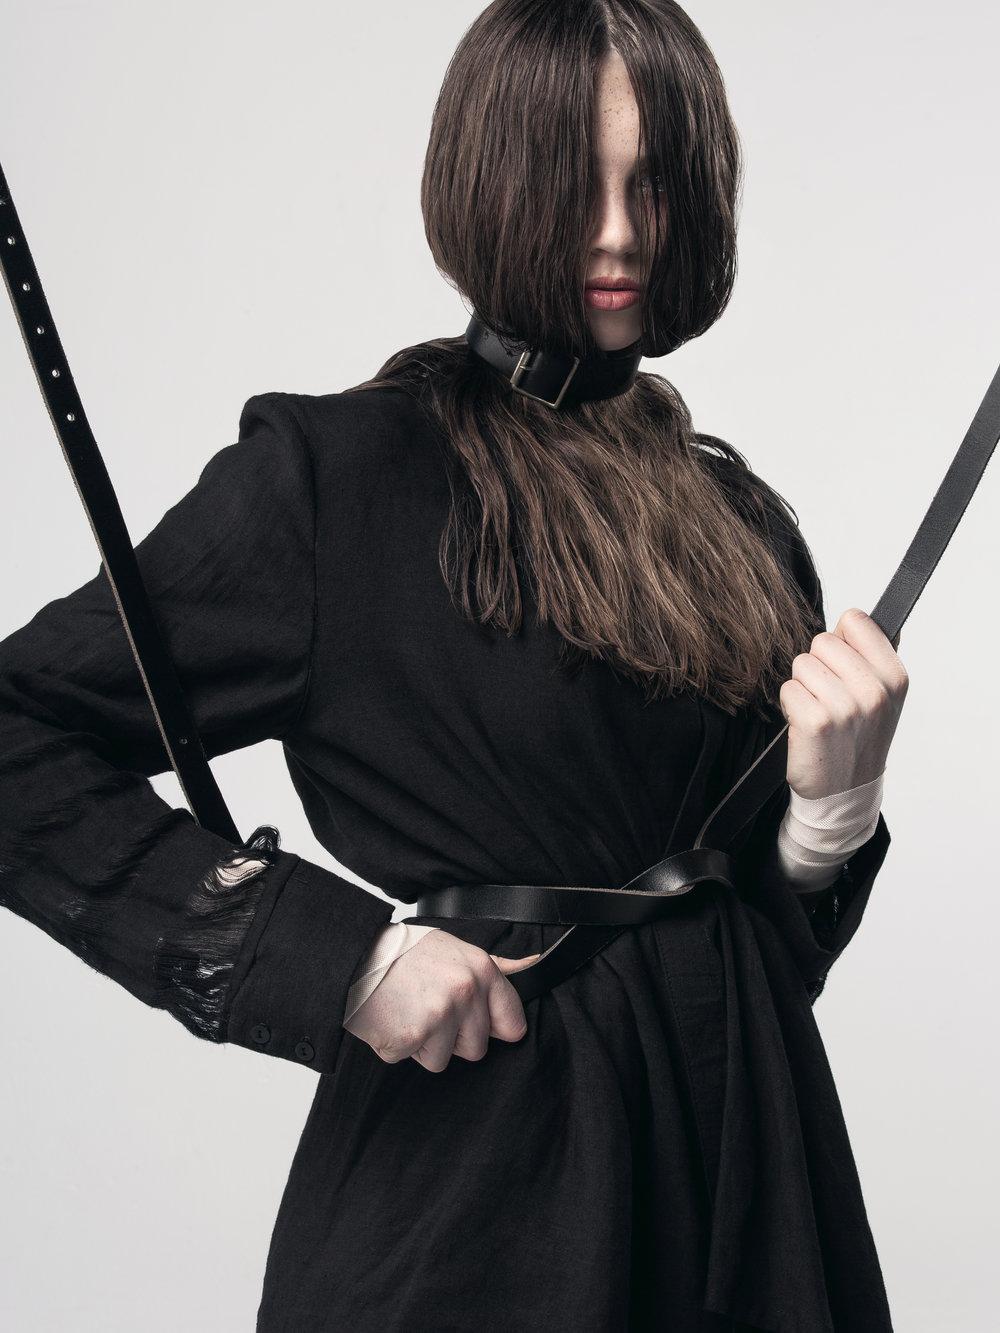 04-Black-Mag-Thian-Fieulaine.jpg